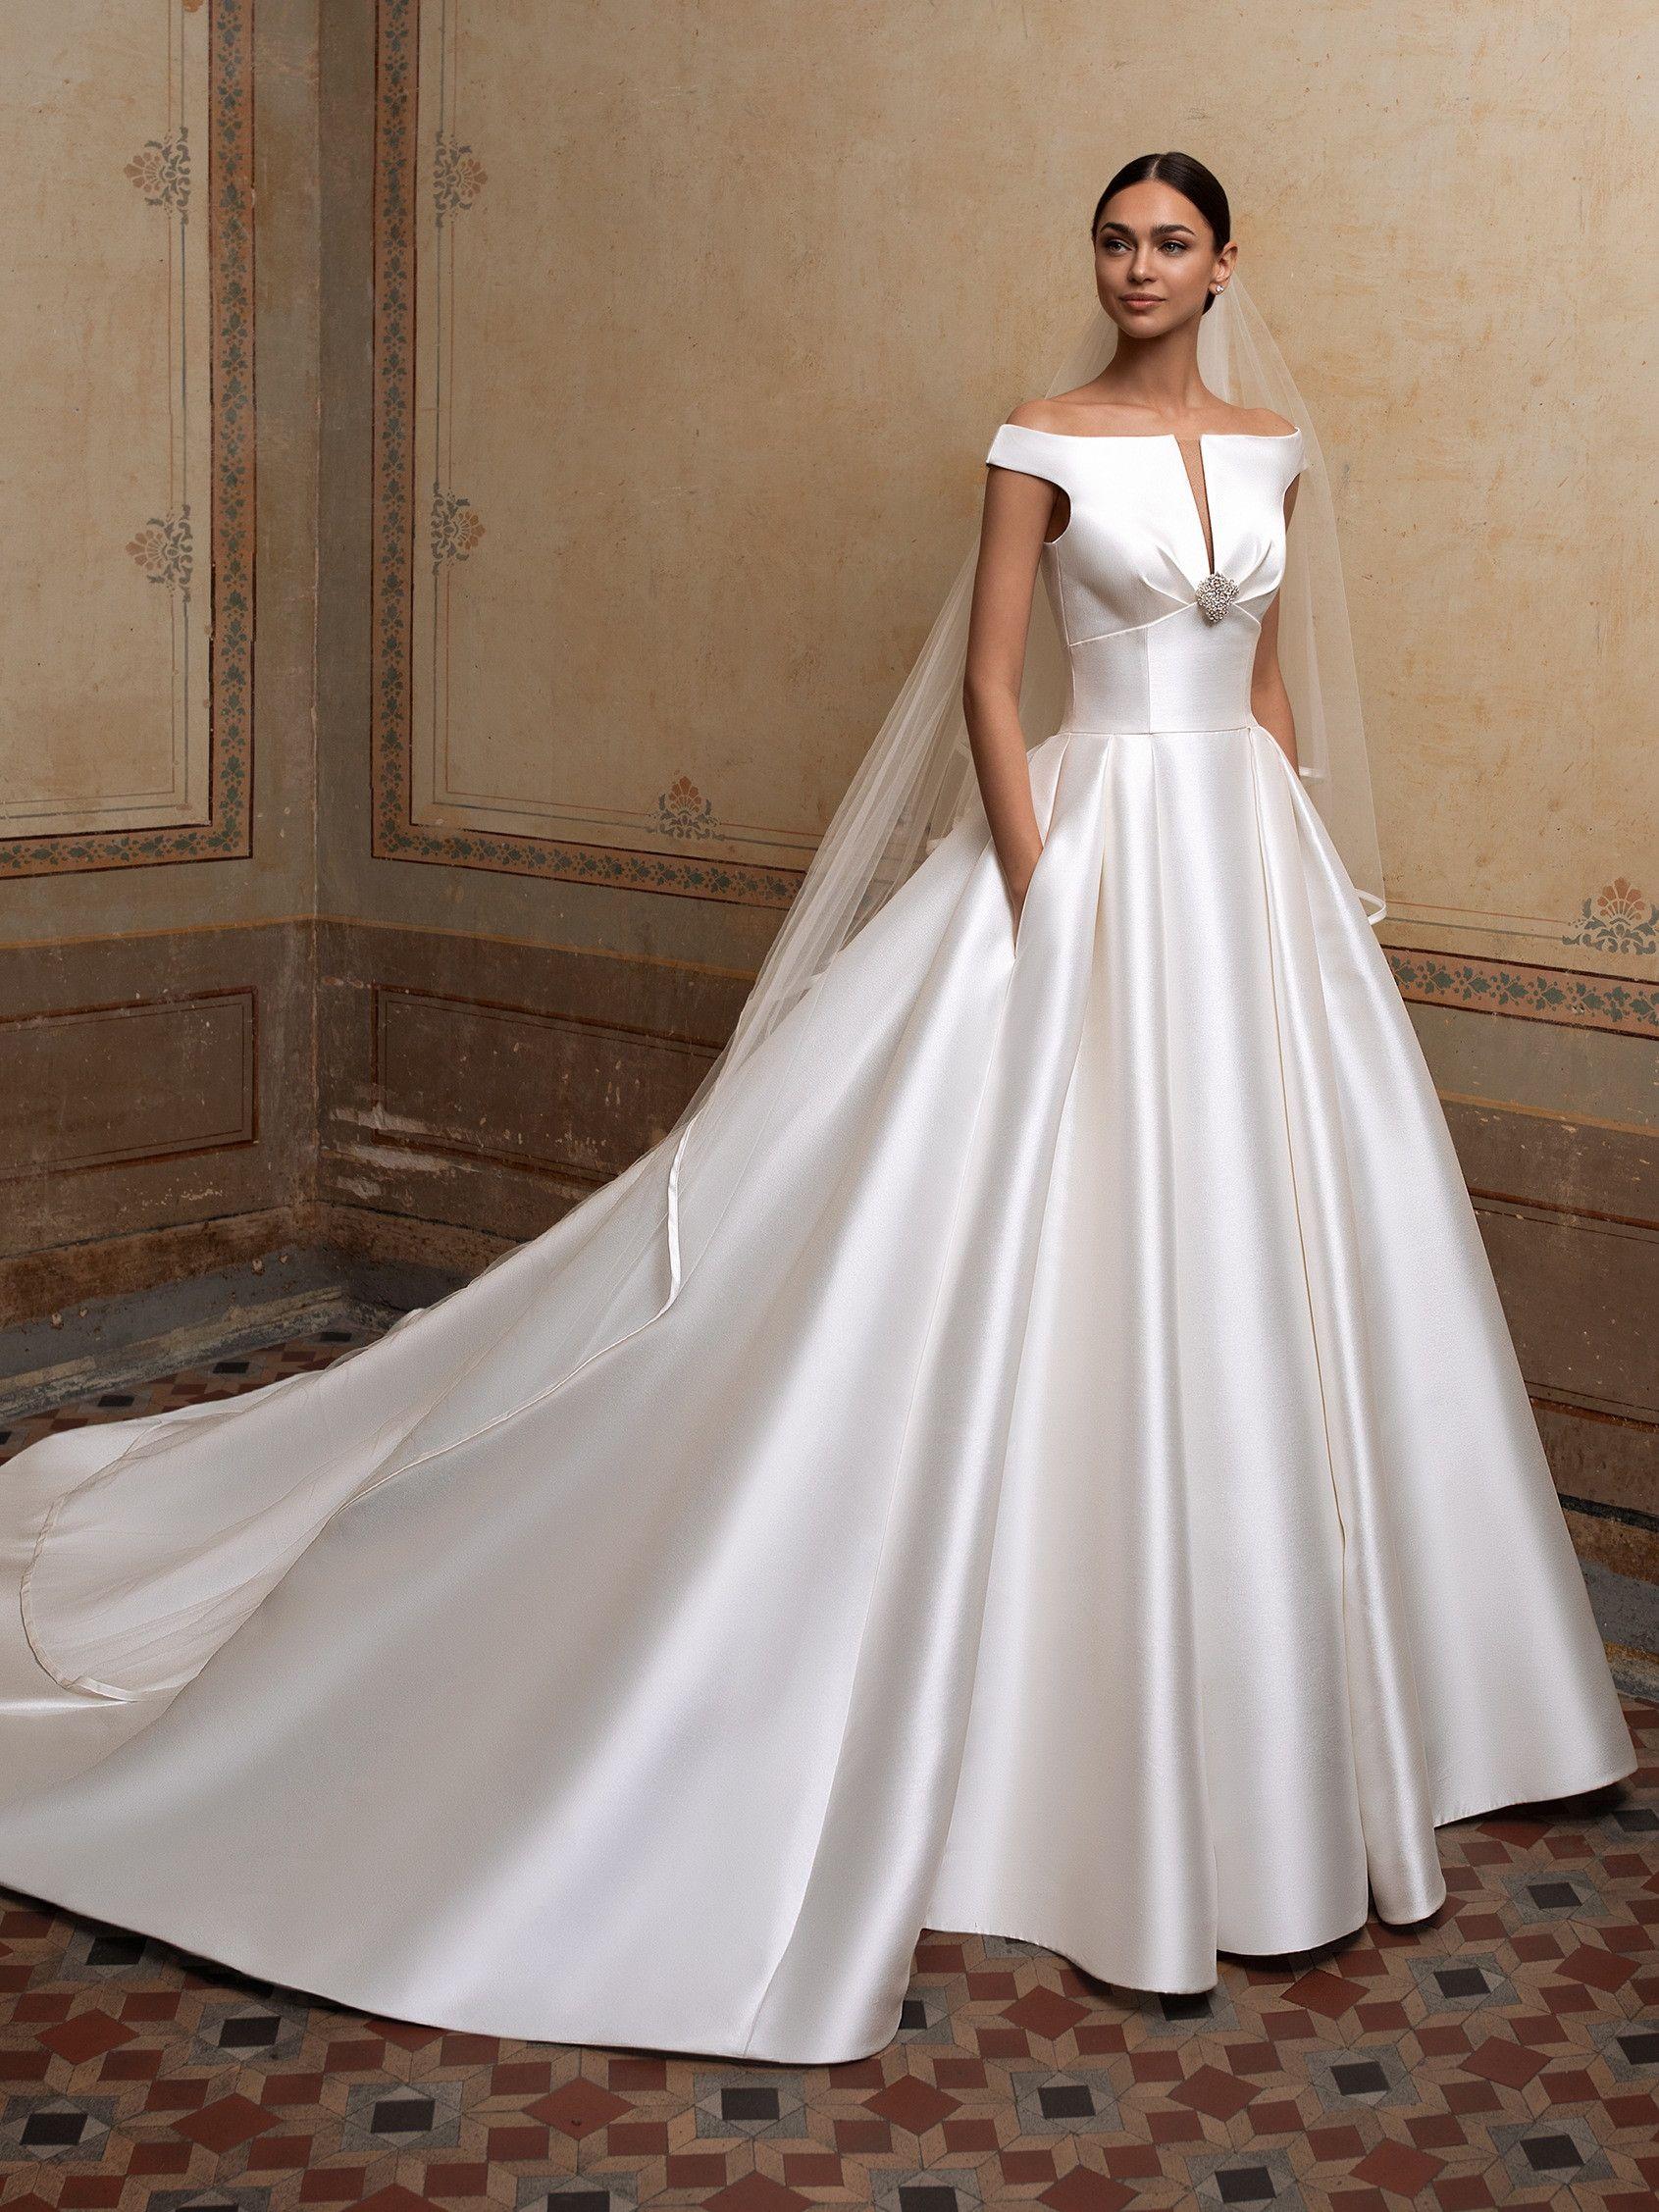 Pin On Vestidos De Noiva [ 2255 x 1691 Pixel ]